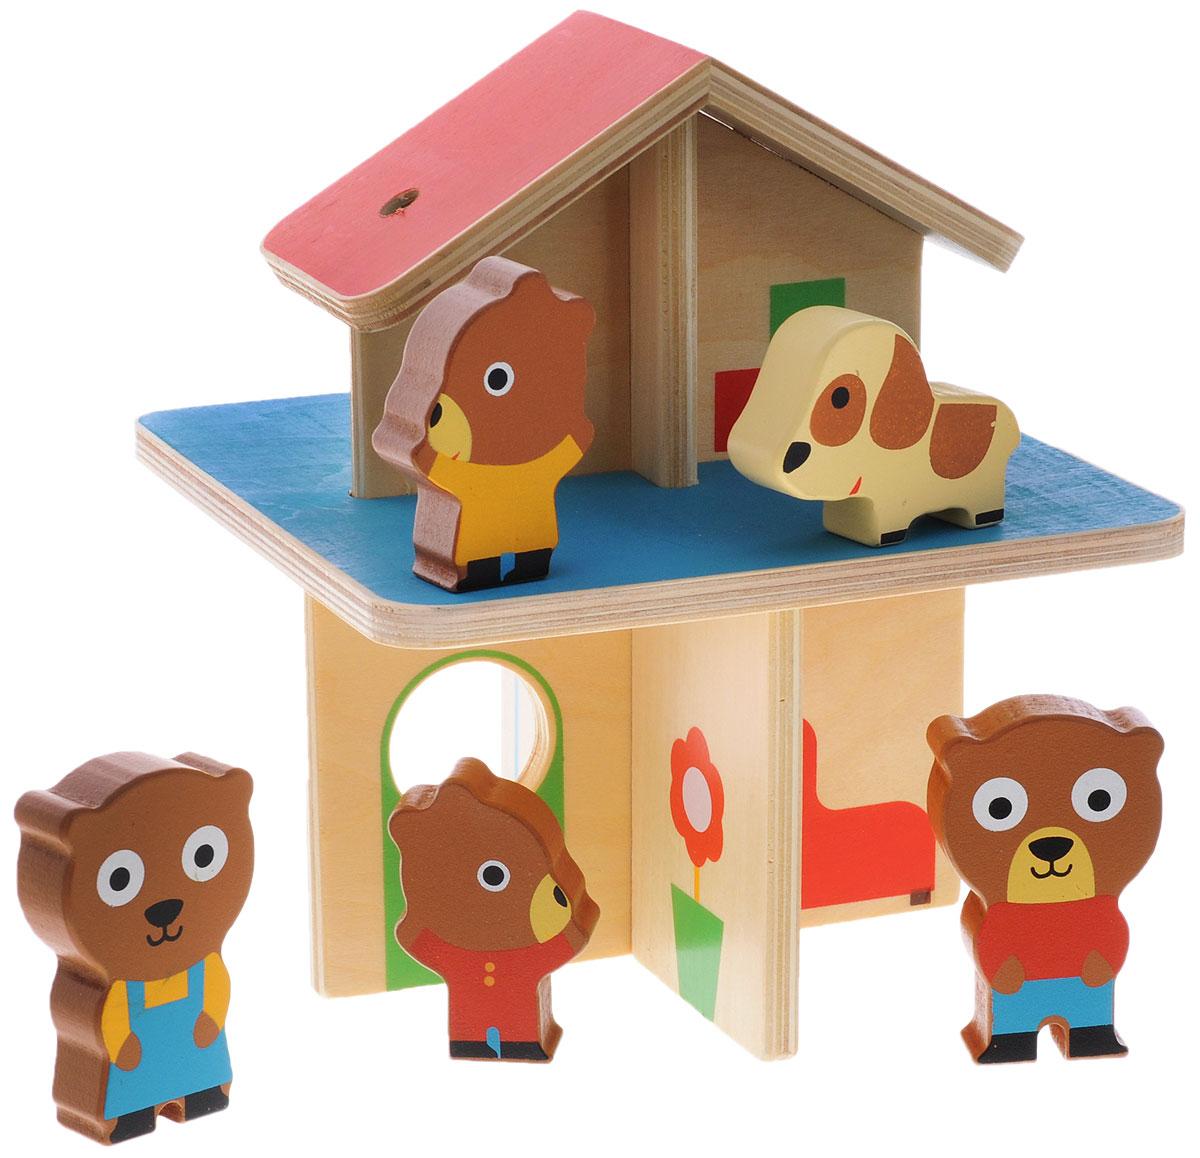 Djeco Развивающая игрушка Мини-дом06386Развивающая игрушка Djeco Мини-дом - увлекательный развивающий набор для самых маленьких. В наборе малыш найдет двухэтажный домик для медвежат, а также 4 фигурки забавных мишек и их любимого питомца - пятнистого щенка. У медвежат в домике есть ванная комната, гостиная, все, что необходимо им для комфортной жизни. Яркий разноцветный домик и милые фигурки животных сразу привлекут малыша и надолго увлекут его в сюжетно-ролевой игре.